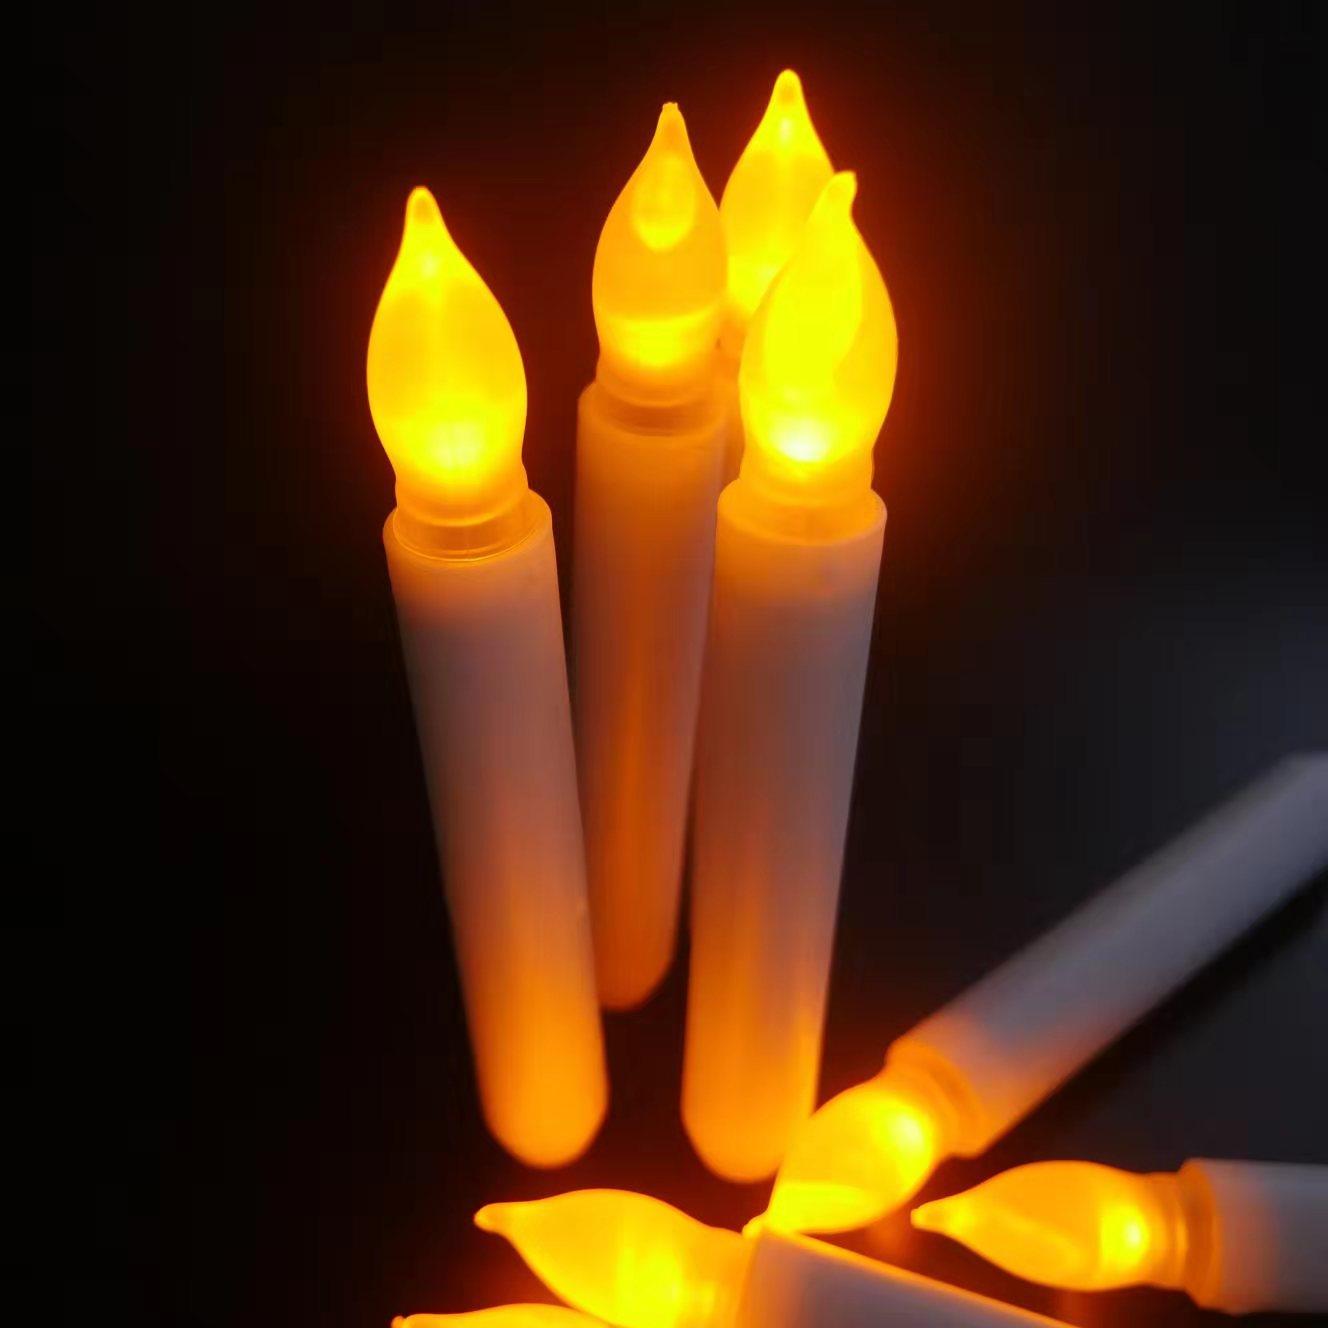 福建圣诞节LED电子蜡烛制造厂家 其志供应